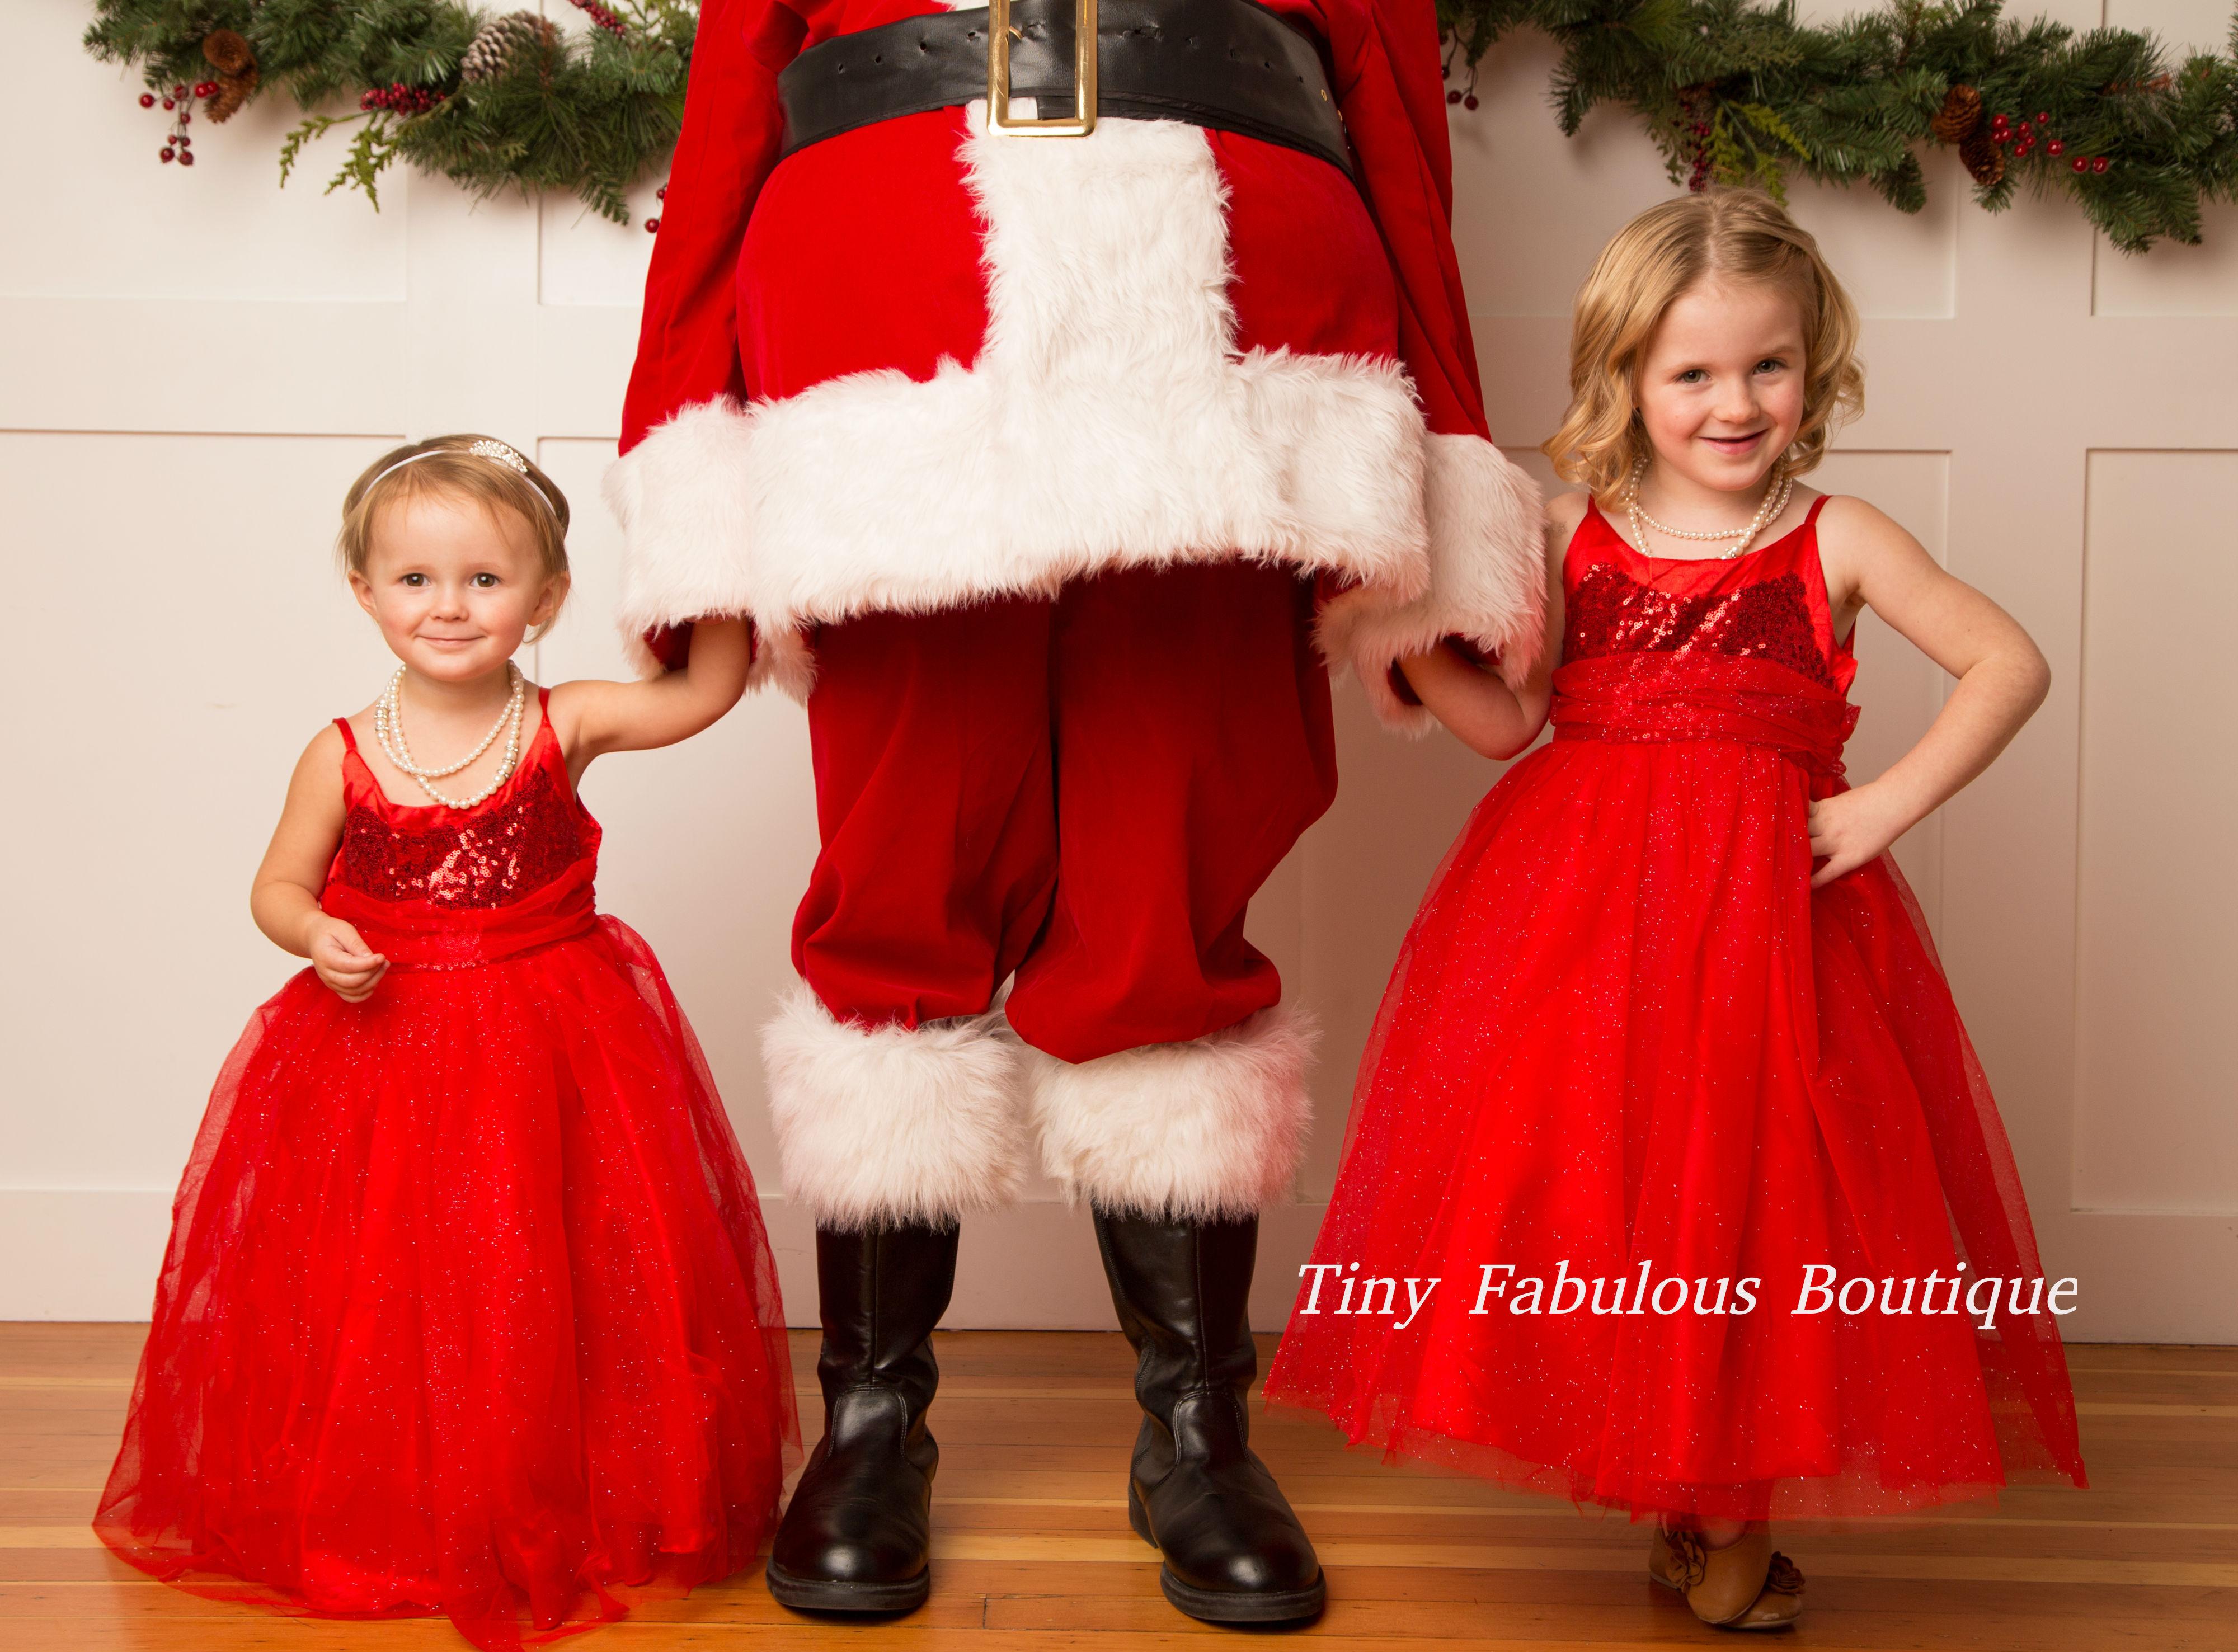 Red Princess Ball Gown (Regular Price $49.99) · Tiny Fabulous ...